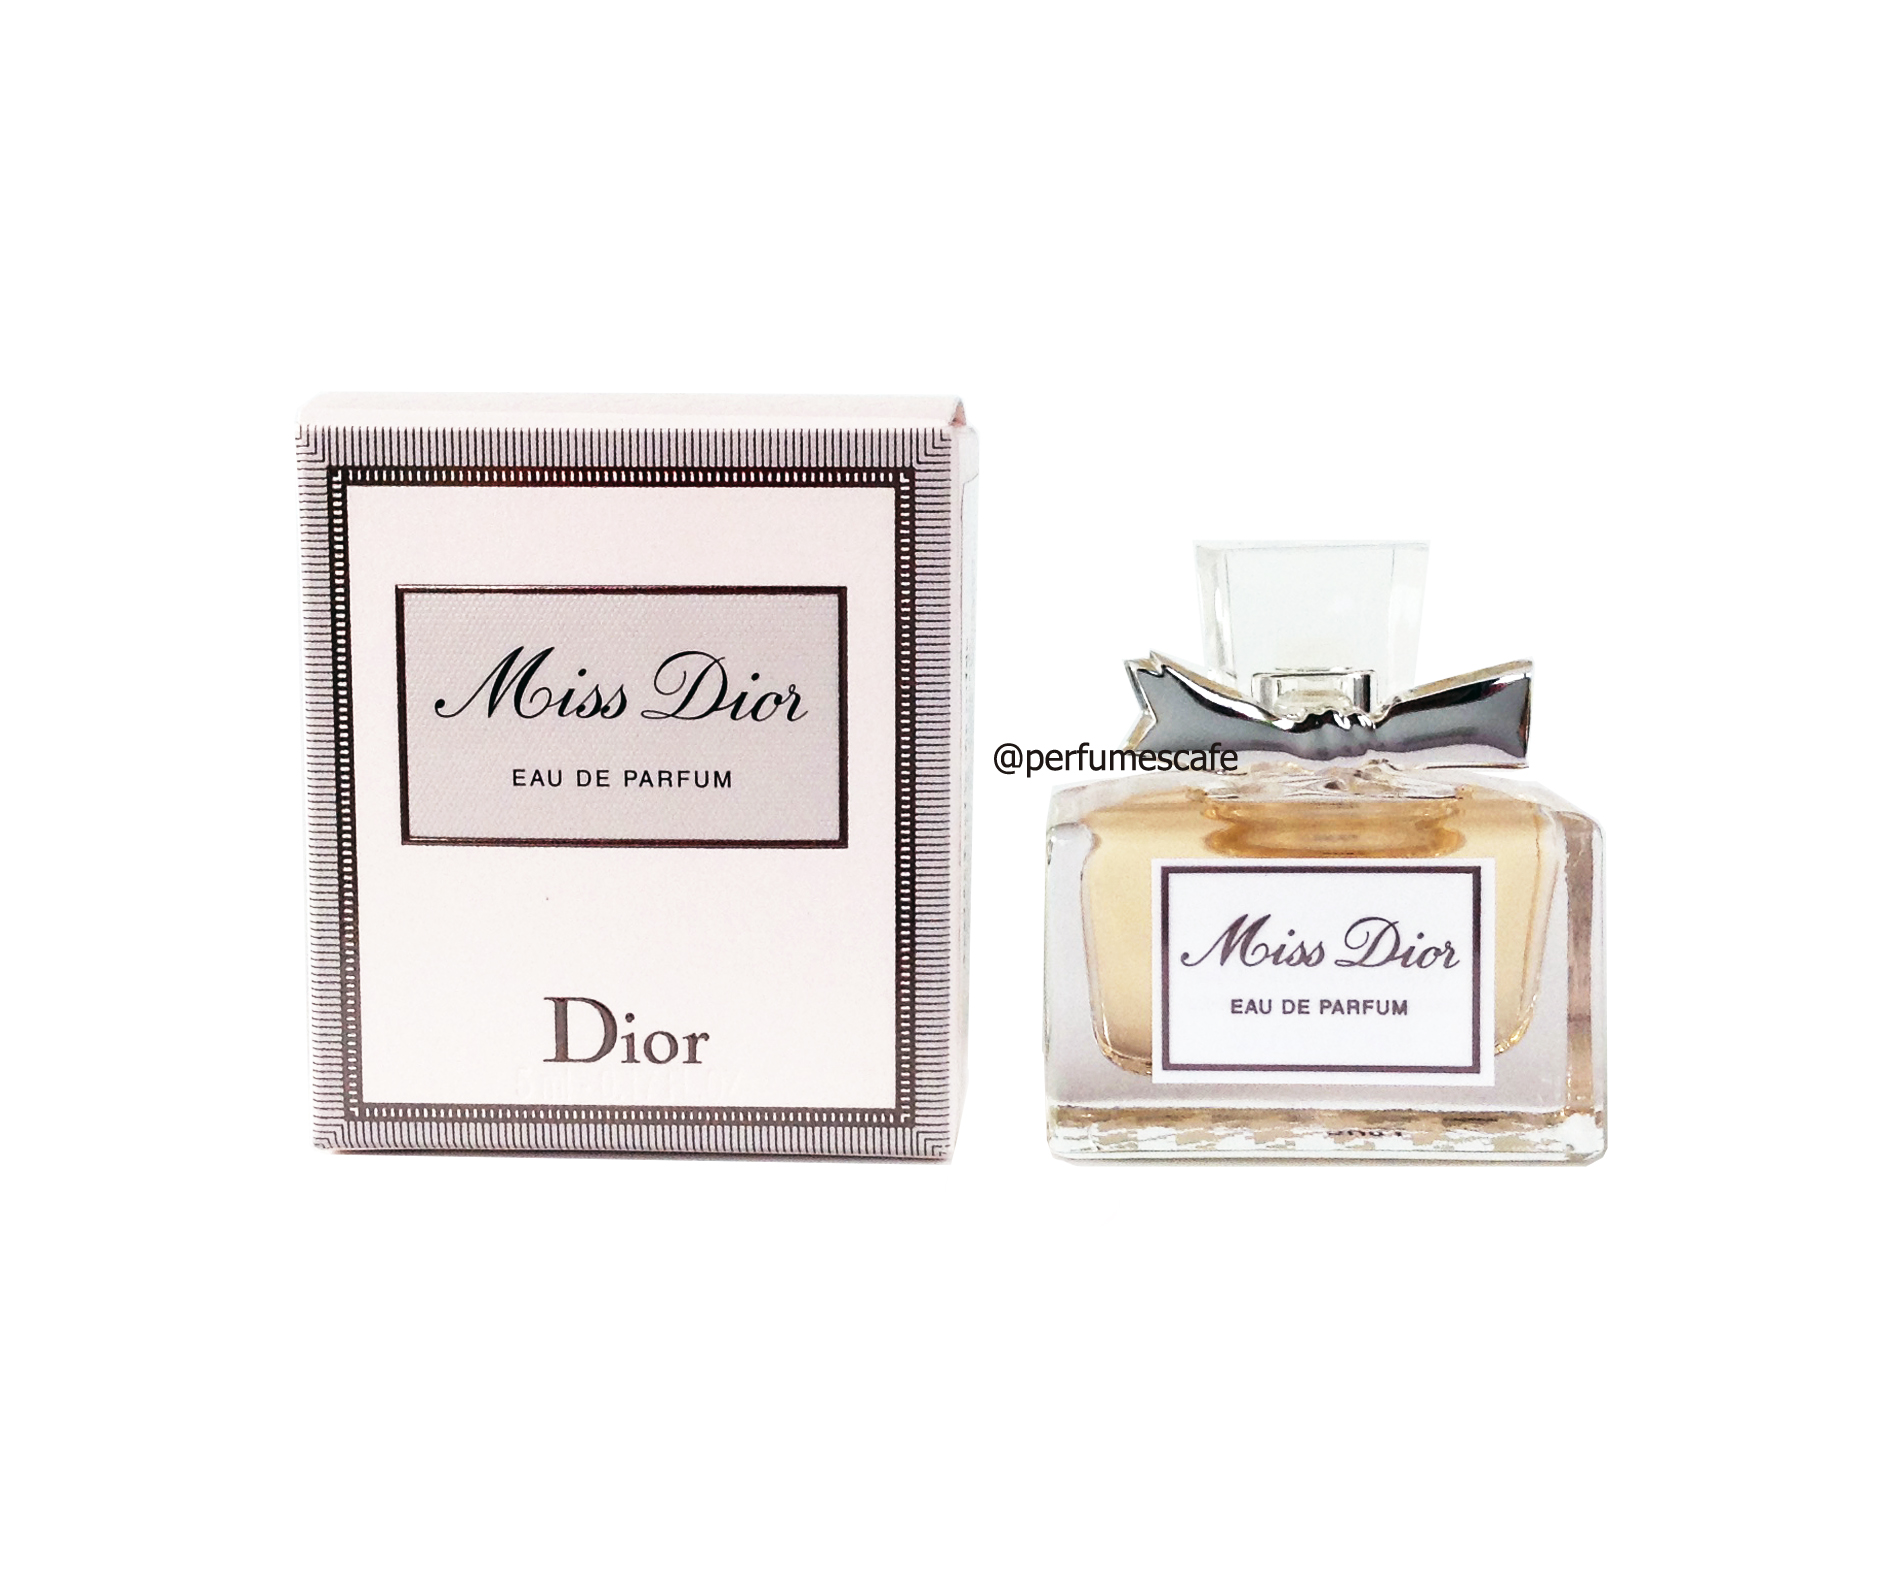 Miss Dior Eau de Parfum ขนาด 5ml แบบแต้มพร้อมกล่อง